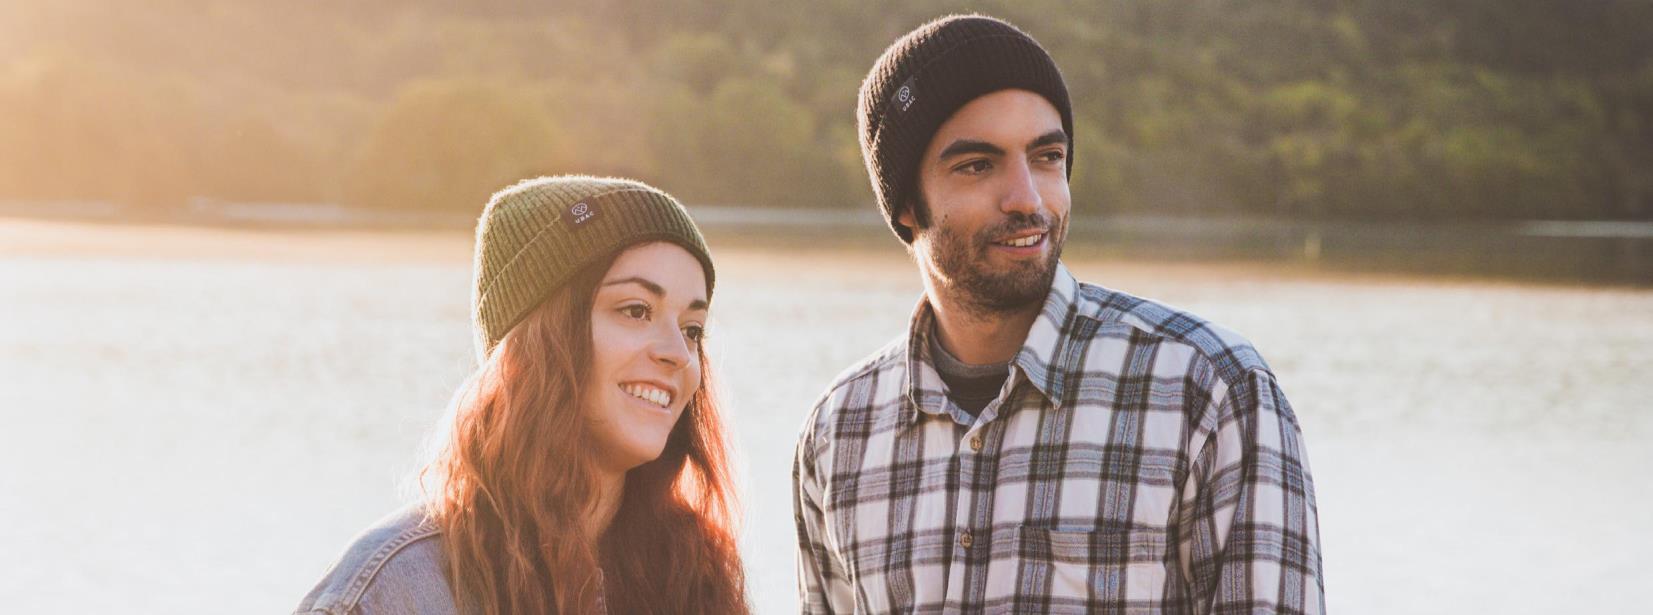 une femme et un homme devant un lac avec des bonnets en laine Ubac